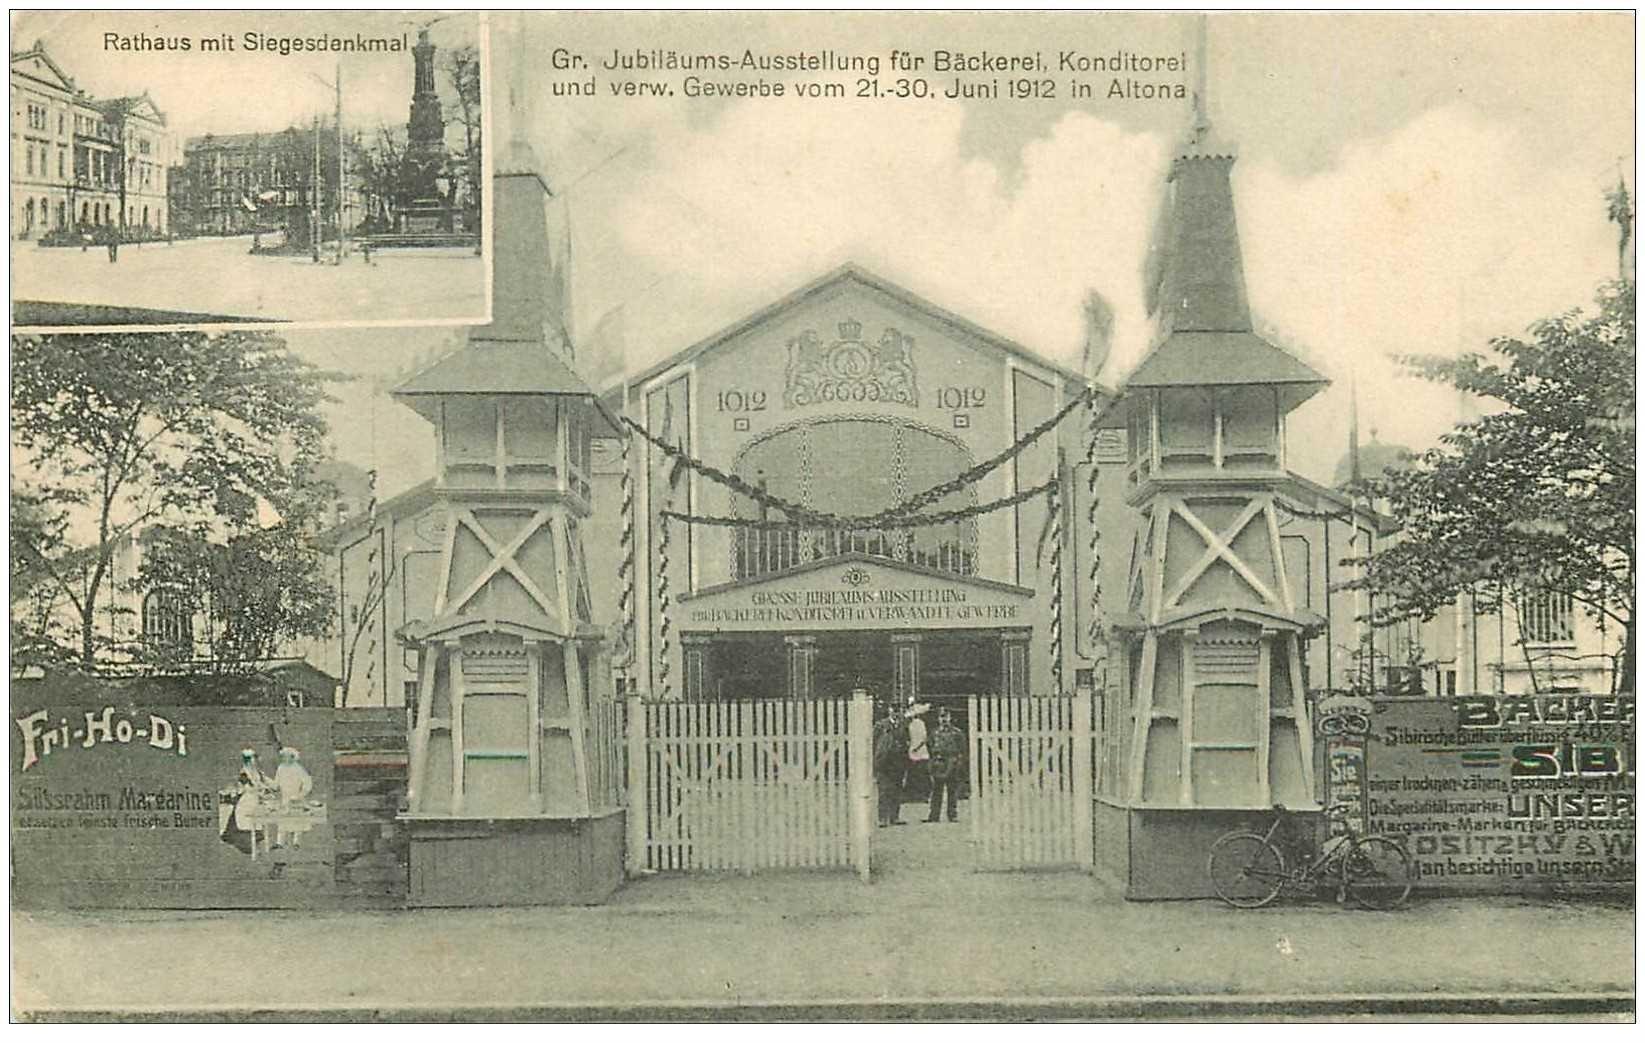 carte postale ancienne AUTRICHE OSTERREICH. Leipzig. Jubiläums Ausstellung für Bäckerei Konditorei und verw in Altona